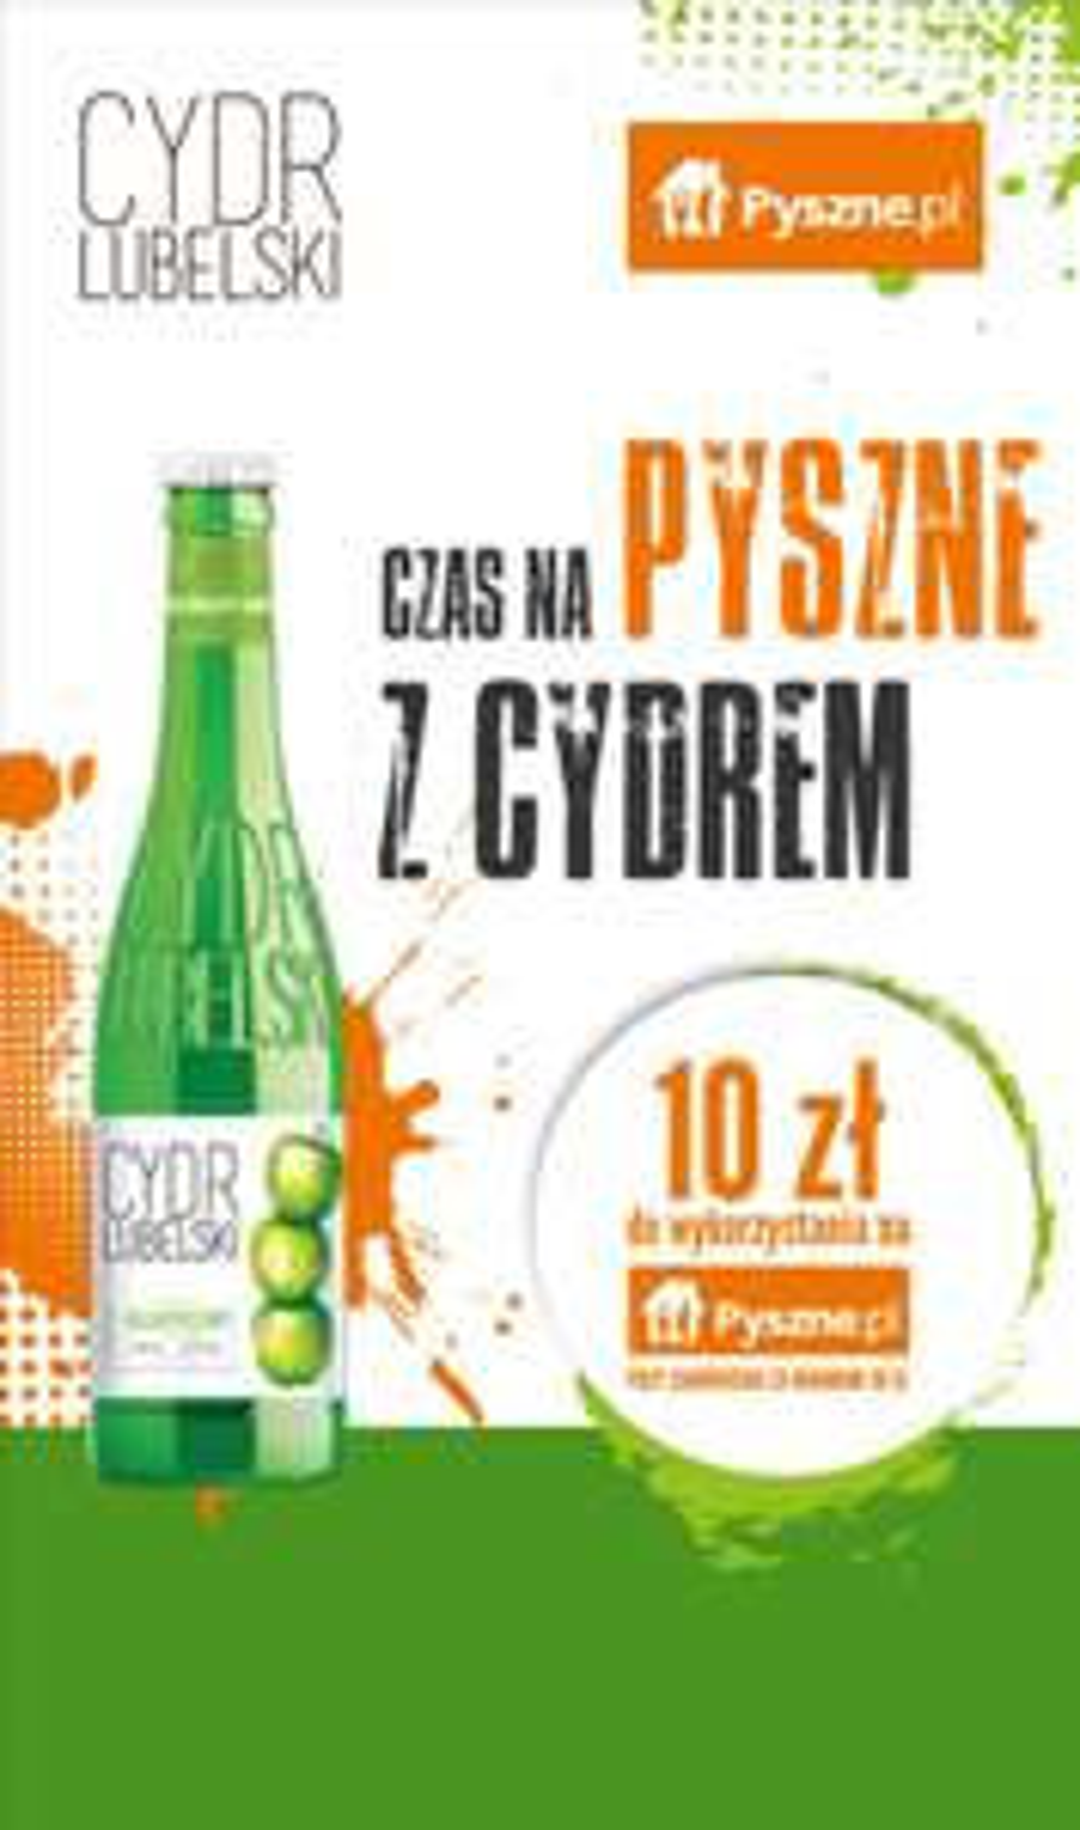 PYSZNIE SMAKUJE Z CYDREM LUBELSKIM! Kup Cydr Lubelski - odbierz kupon 10zł MWZ 30zł na pyszne.pl